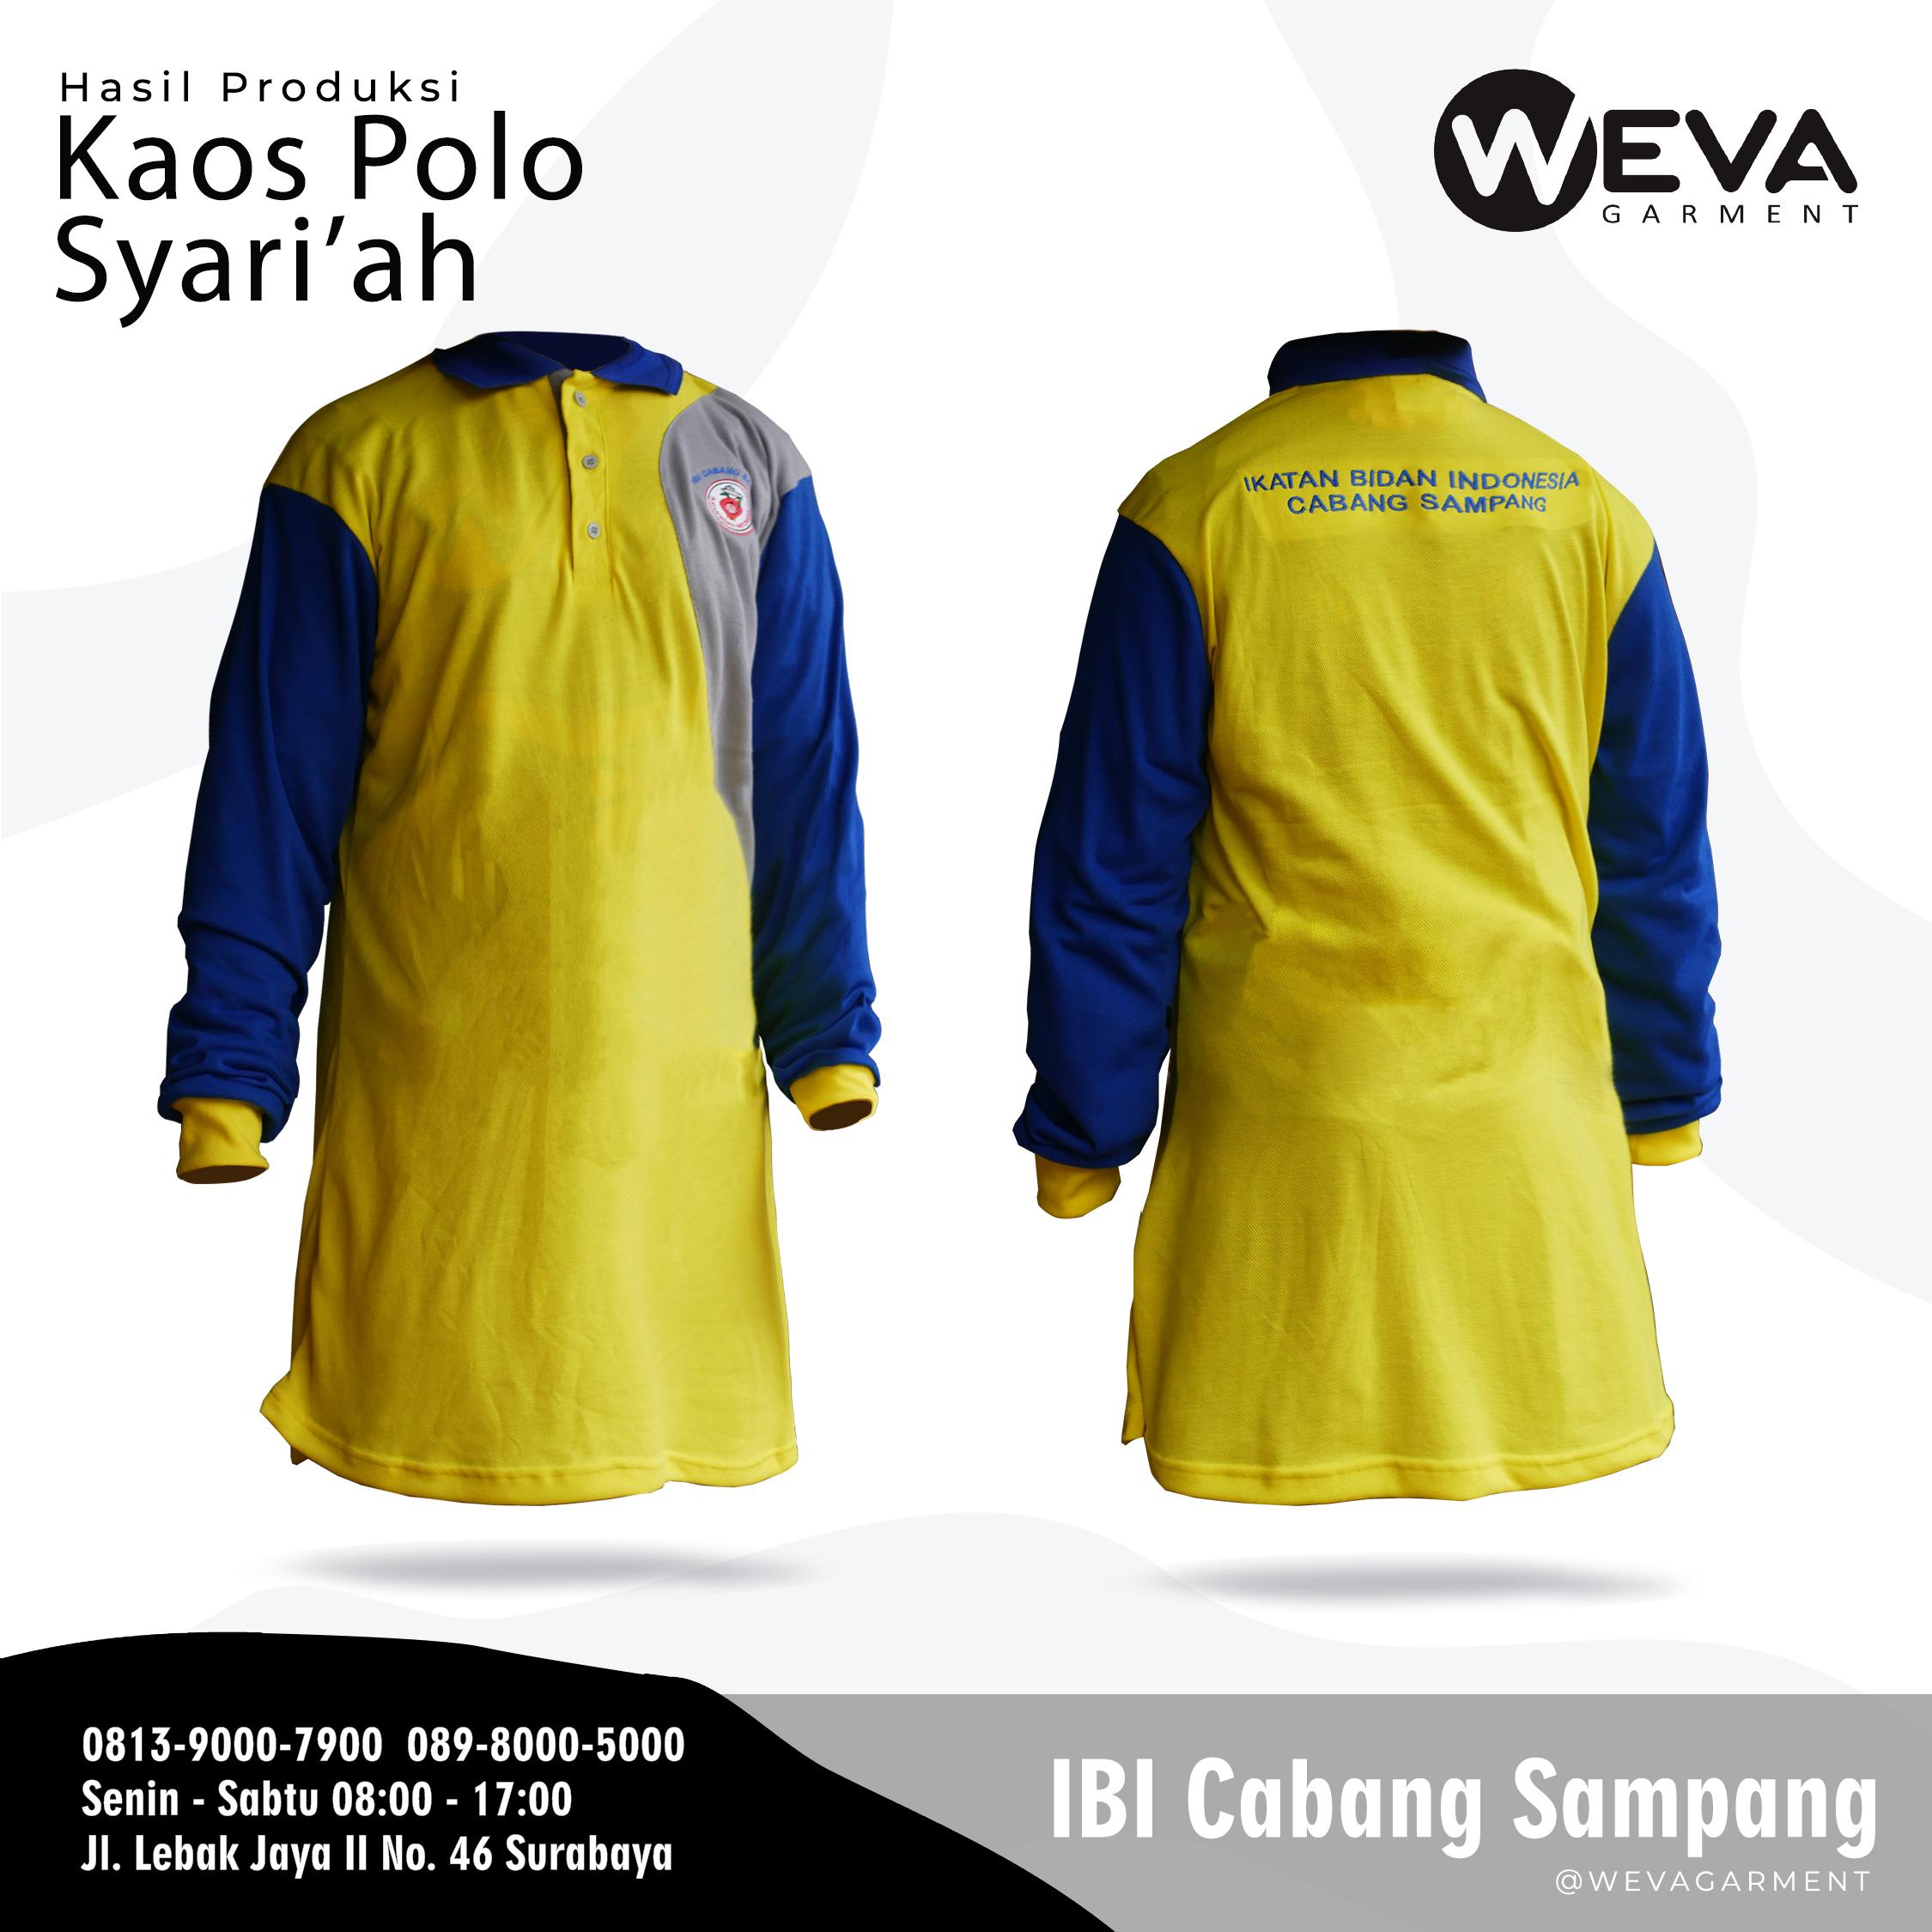 Hasil Produksi dan Desain Poloshirt Puskesmas IBI Sampang